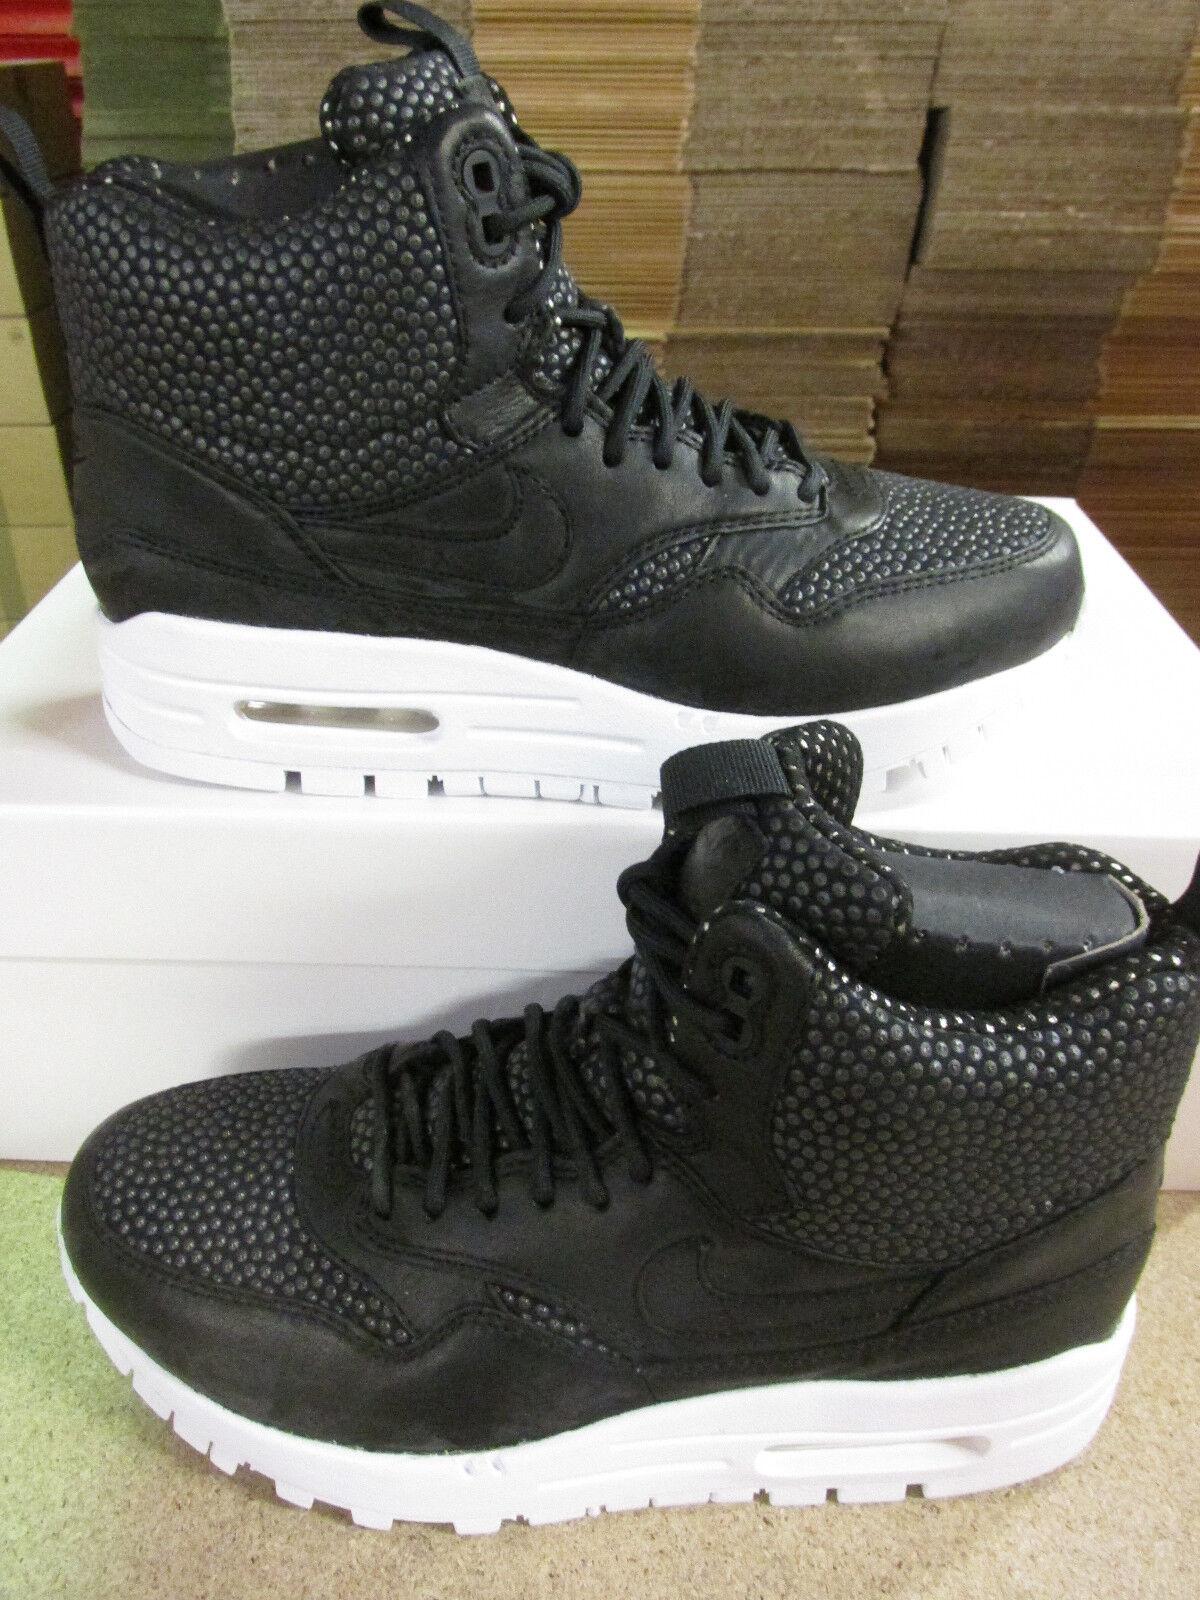 NIKE Da Donna Air Max 1 001 Sneakerboot TECH Sneakers 826601 001 1 Scarpe Da Ginnastica Scarpe 22e55f